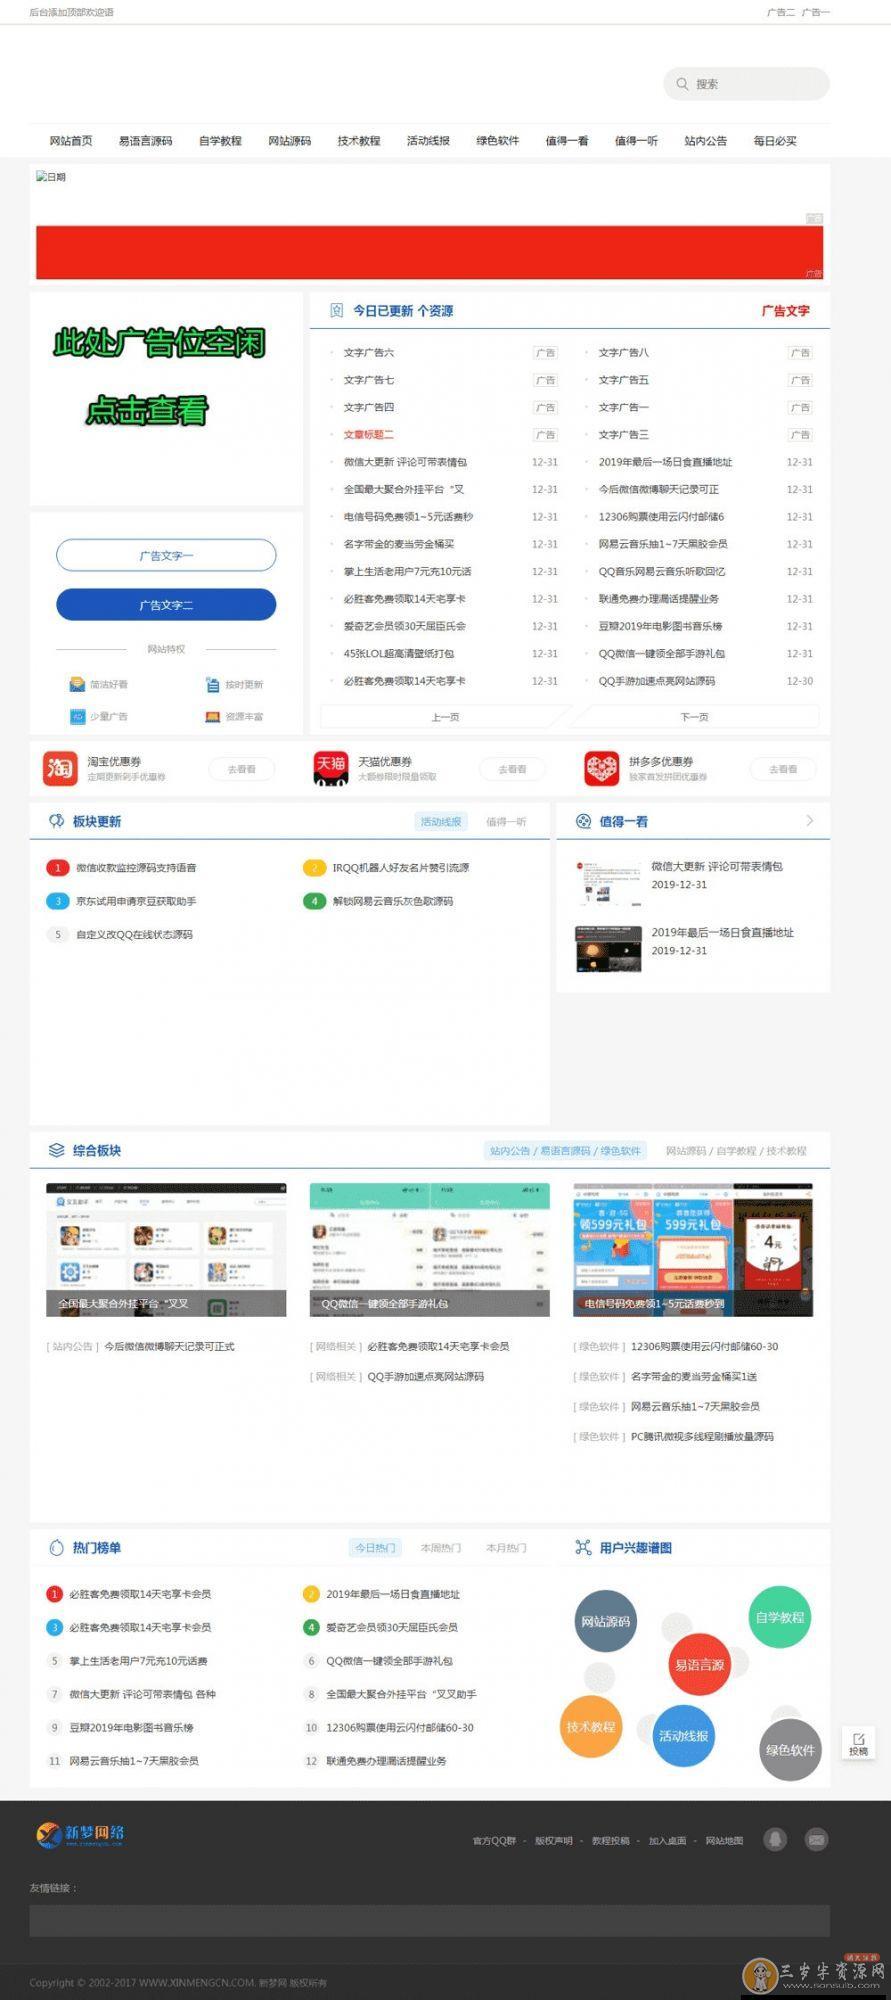 小刀娱乐网同款资源网织梦主题模板